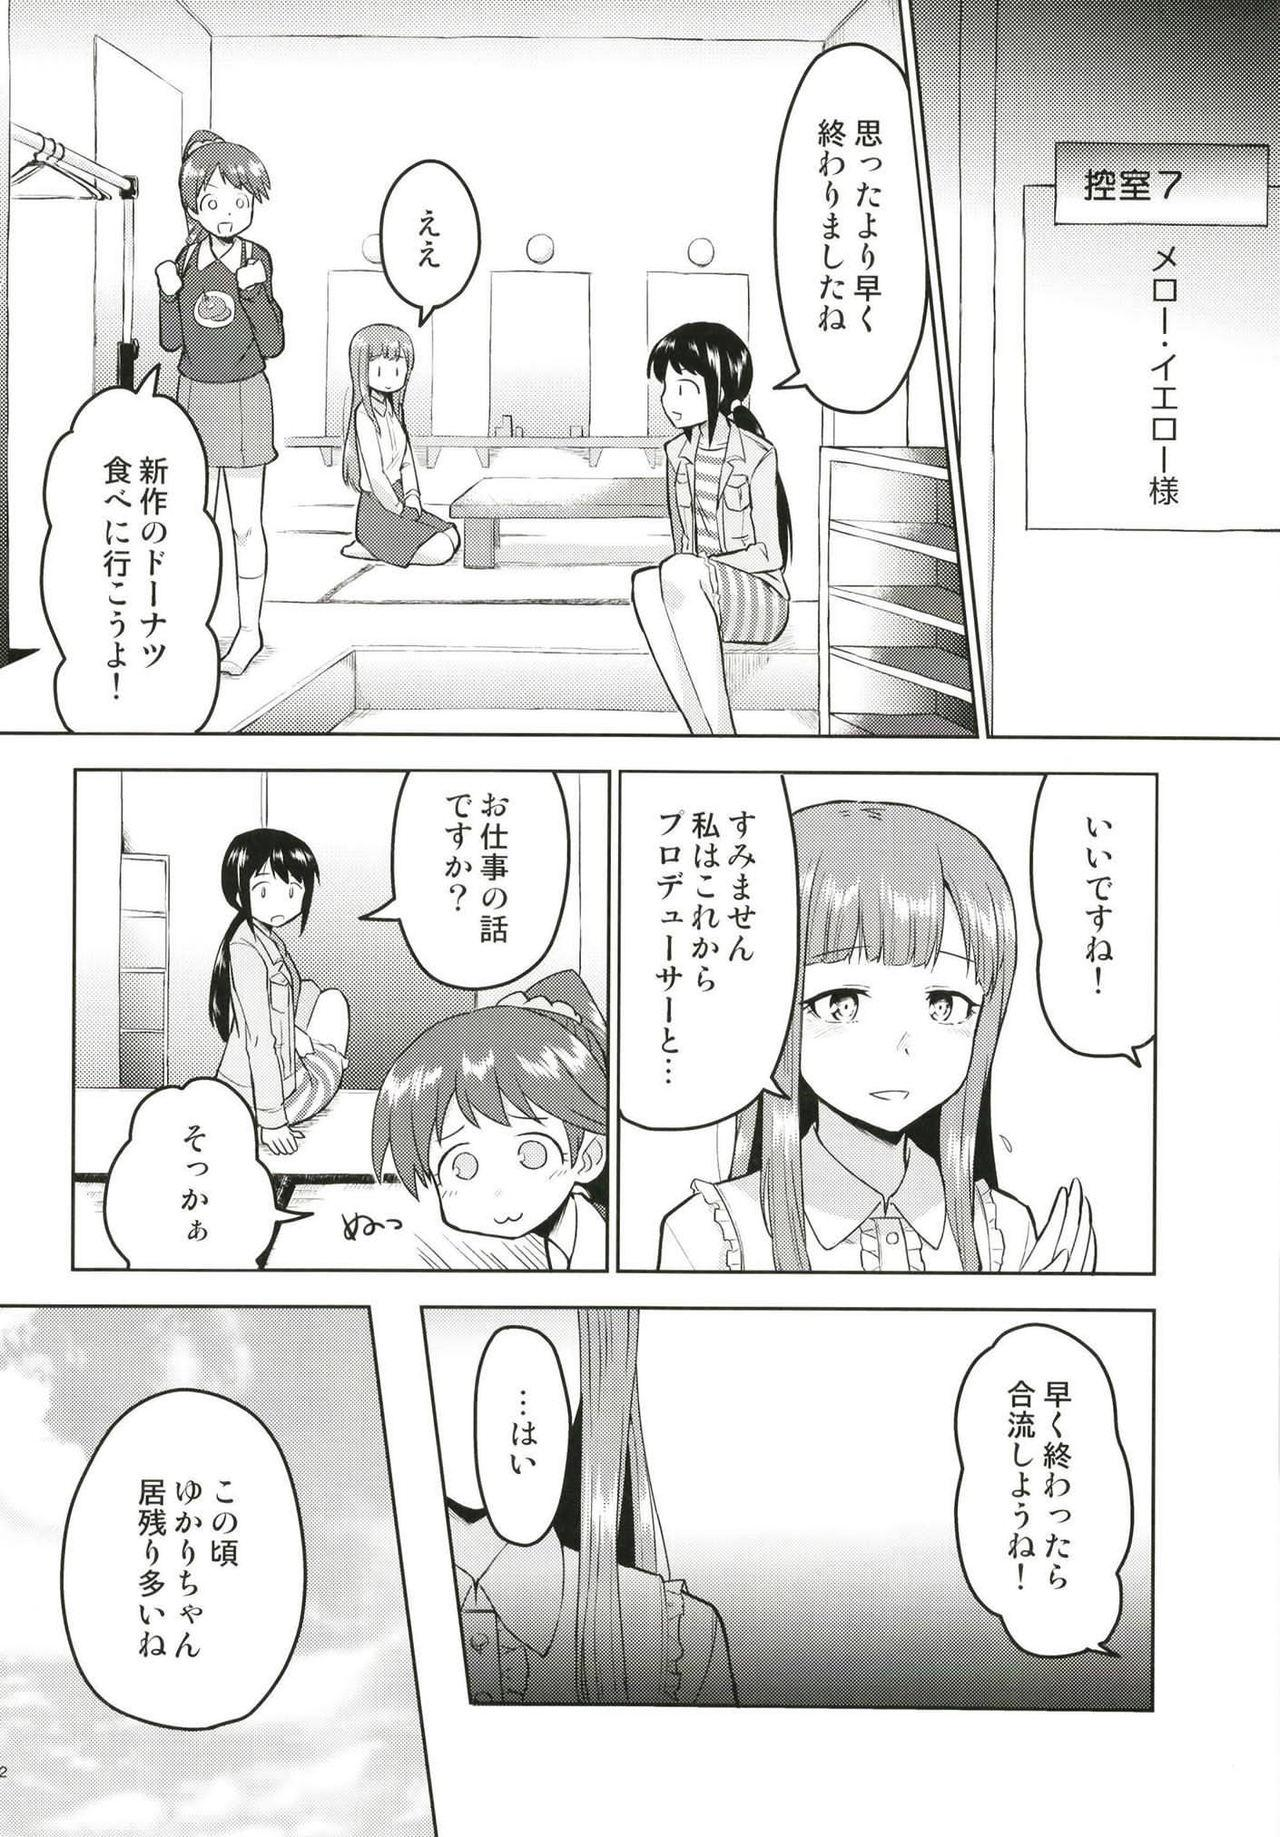 Anoko ni Naisho no Uchiawase 2